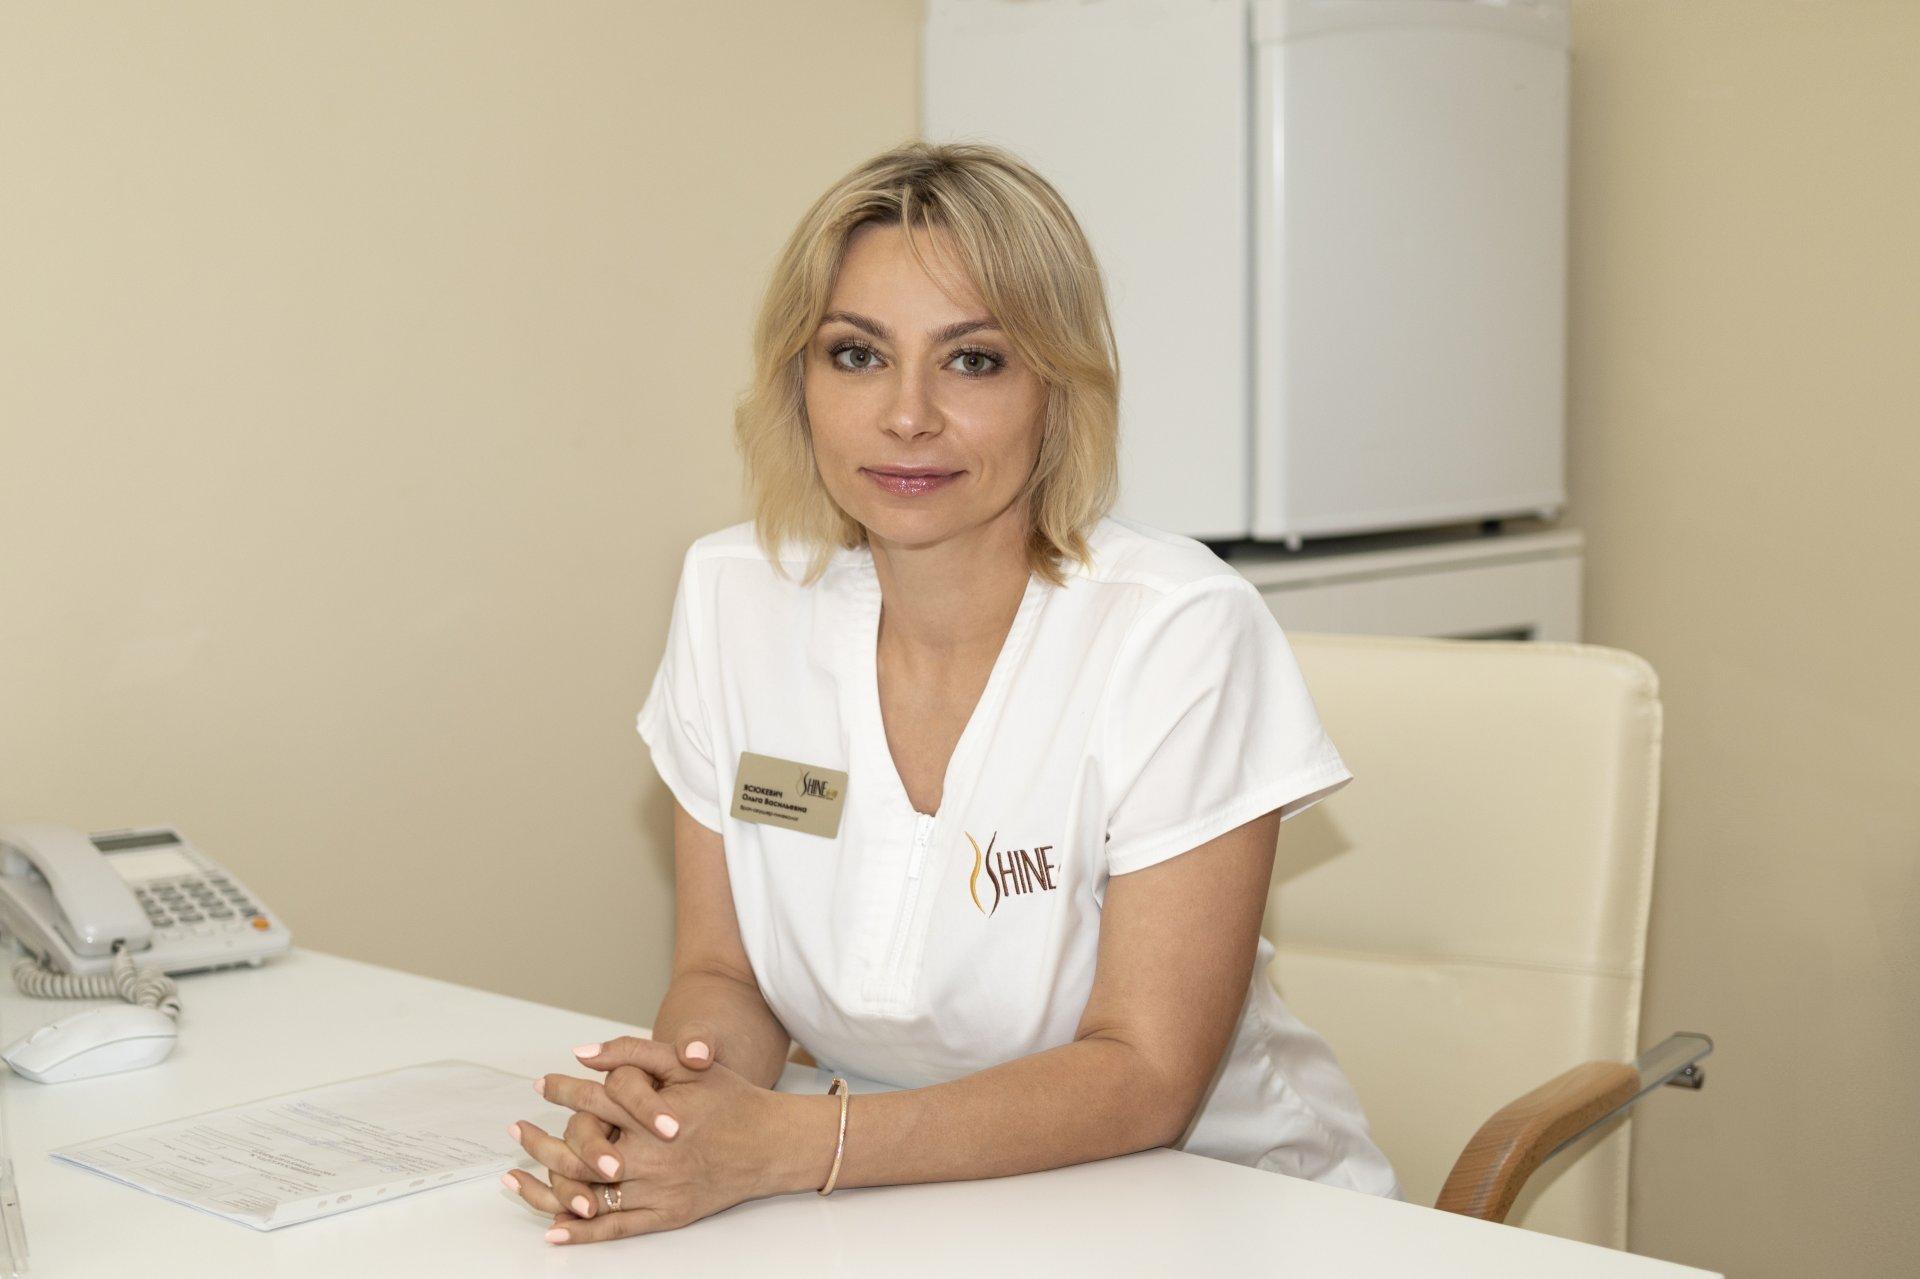 Консультация гинеколога в ШайнЭст